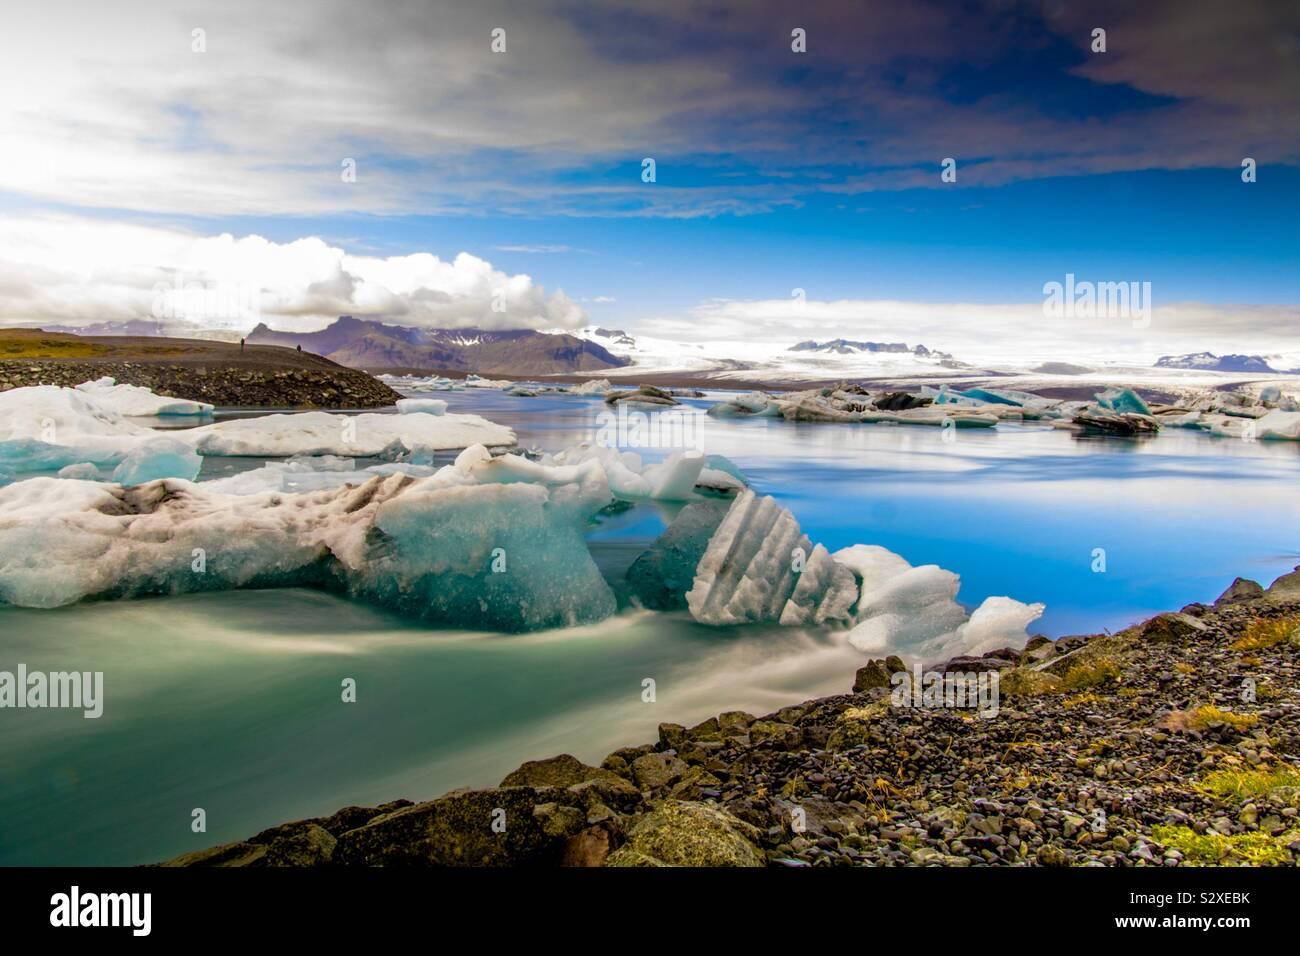 Una lunga esposizione di una laguna in Islanda con ghiaccio galleggiante floes Foto Stock